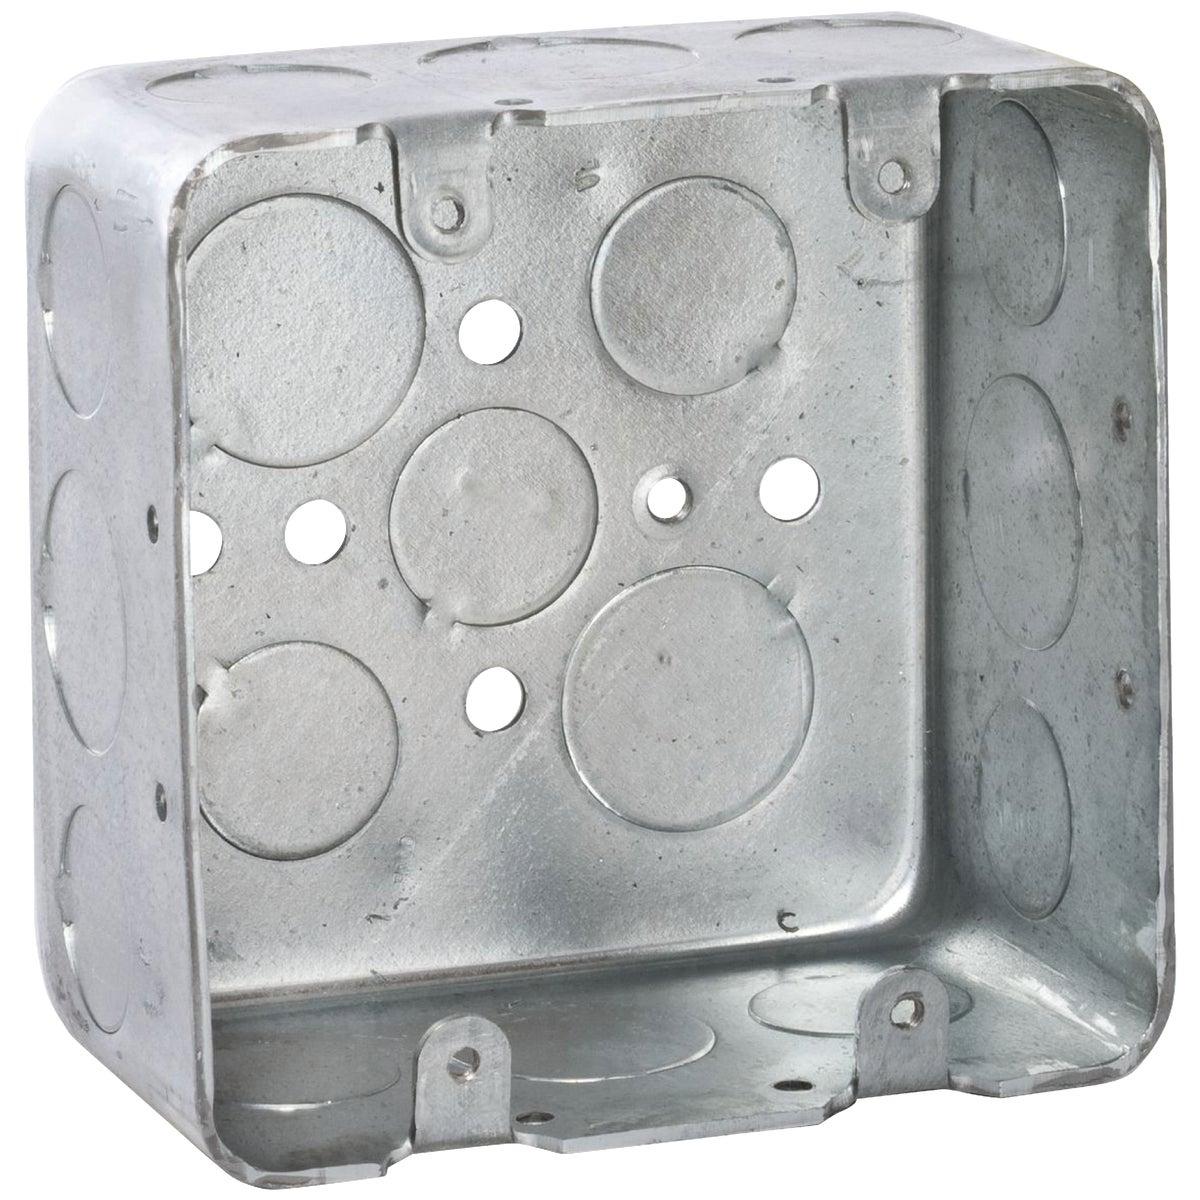 4X4X2-1/8 SQUARE BOX - 2G4D1/23/4 by Thomas & Betts